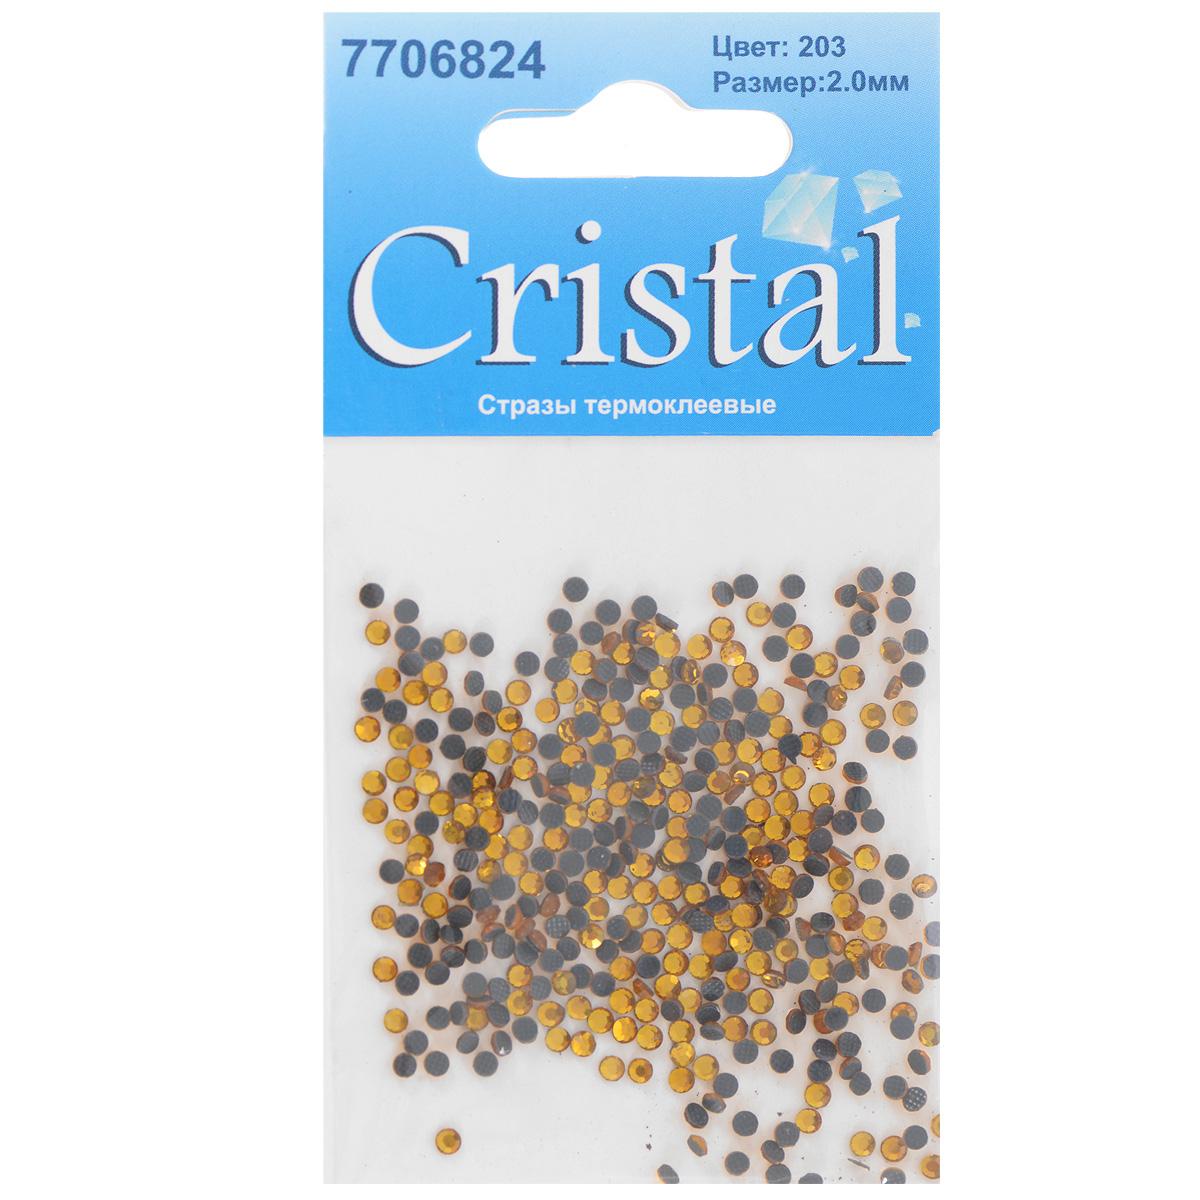 """Набор термоклеевых страз """"Cristal"""", изготовленный из высококачественного акрила, позволит вам украсить одежду, аксессуары или текстиль. Яркие стразы имеют плоское дно и круглую поверхность с гранями.  Дно термоклеевых страз уже обработано особым клеем, который под воздействием высоких температур начинает плавиться, приклеиваясь, таким образом, к требуемой поверхности. Чаще всего их используют в текстильной промышленности: стразы прикладывают к ткани и проглаживают утюгом с обратной стороны. Также можно использовать специальный паяльник. Украшение стразами поможет сделать любую вещь оригинальной и неповторимой. Диаметр страз: 2 мм."""